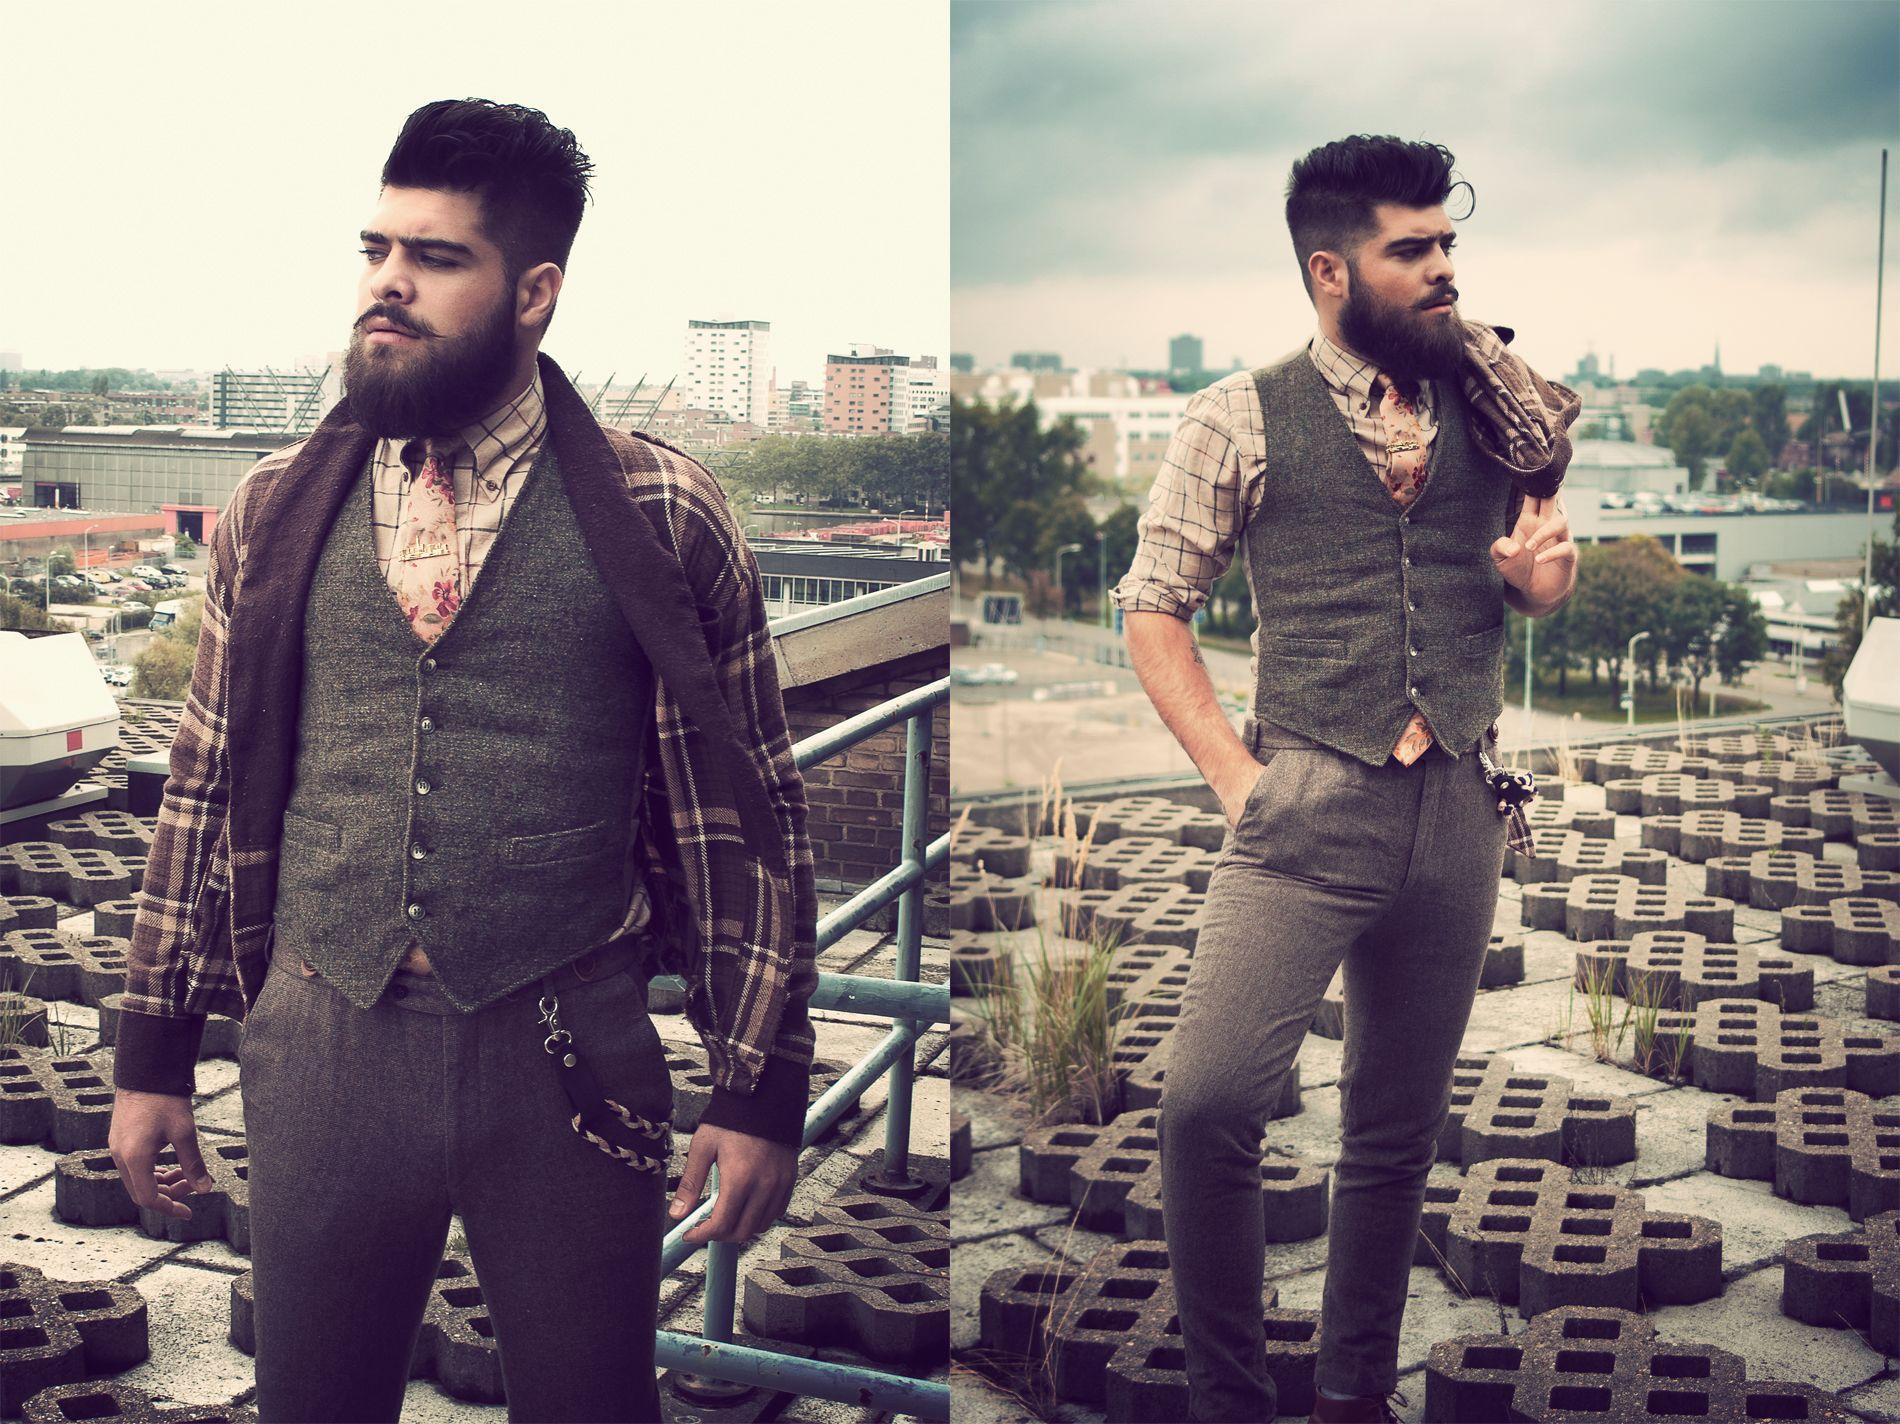 Styling & photography by Dualleh Abdulrahman. #doityourself #thrift #photoshoot #mensstyle #mensautumnstyle #autumn #beard #dapper #vintage #tweed #styleguide